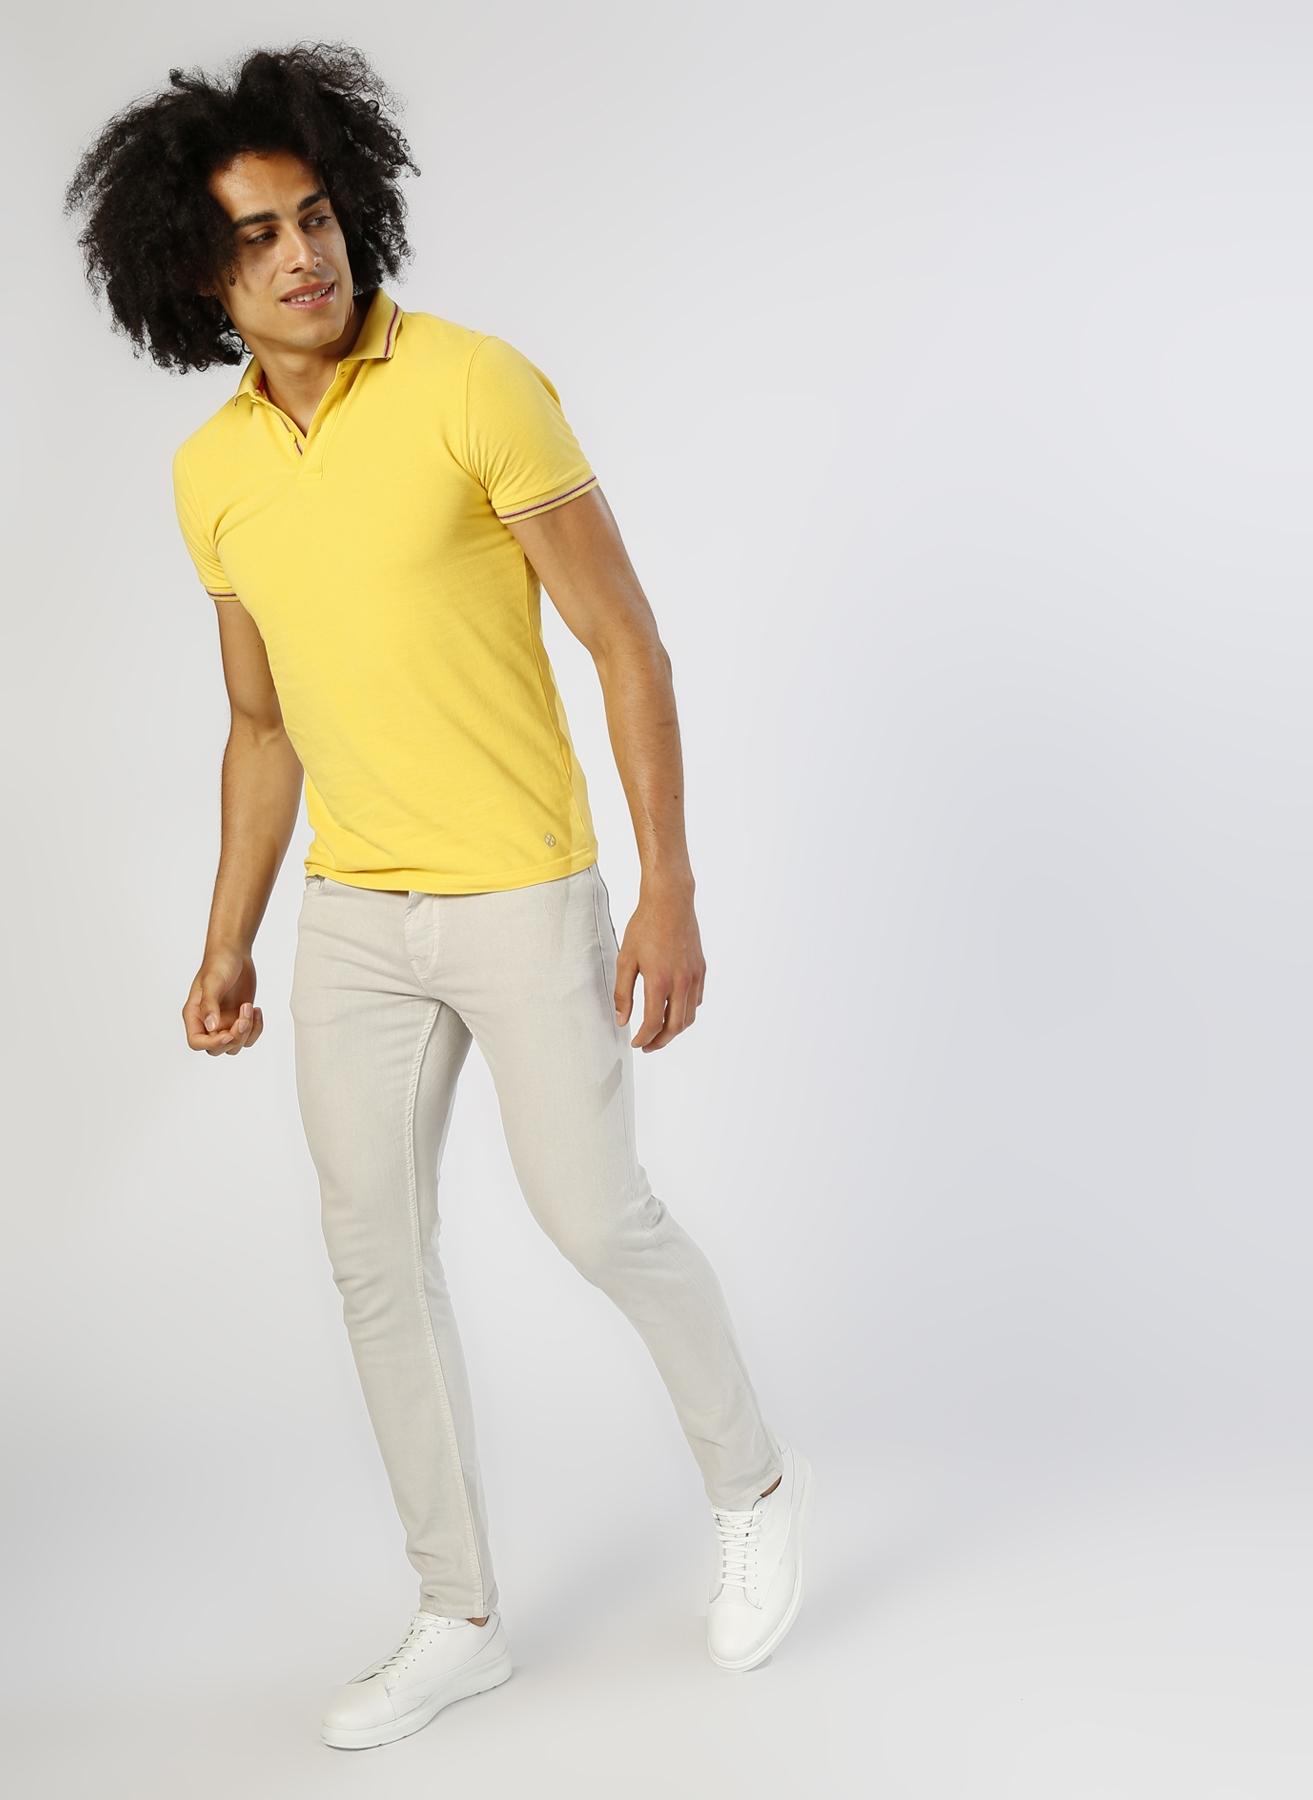 Loft Taş Rengi Klasik Pantolon 33-30 5000197730010 Ürün Resmi